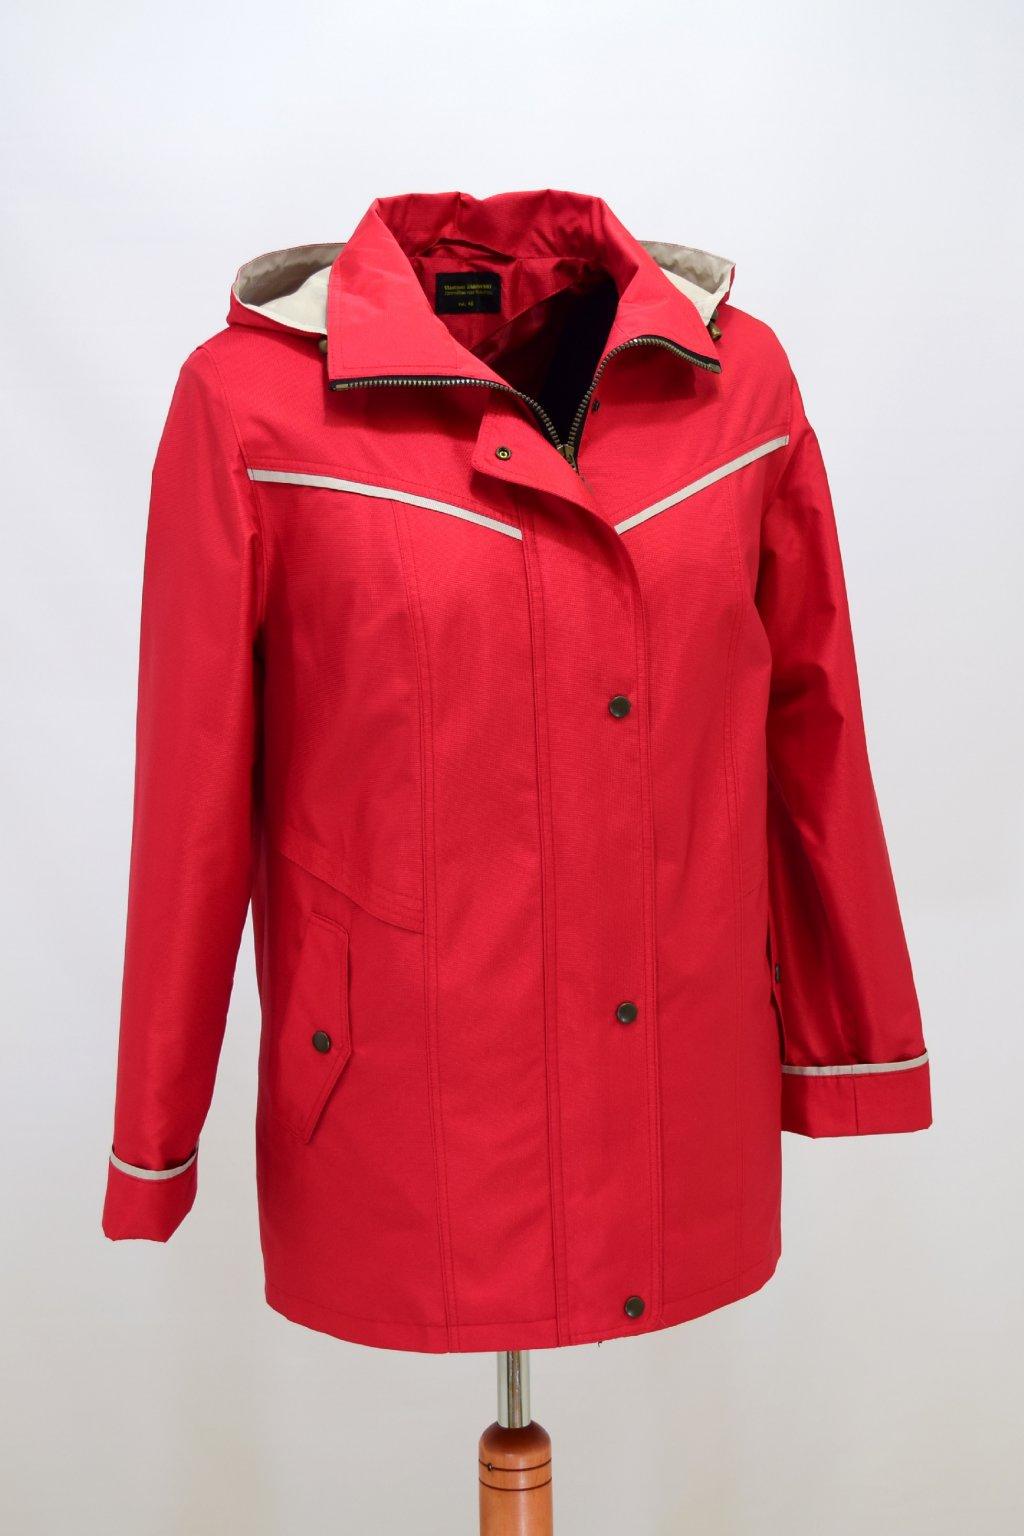 Dámská jarní červená bunda Nikola nadměrné velikosti.